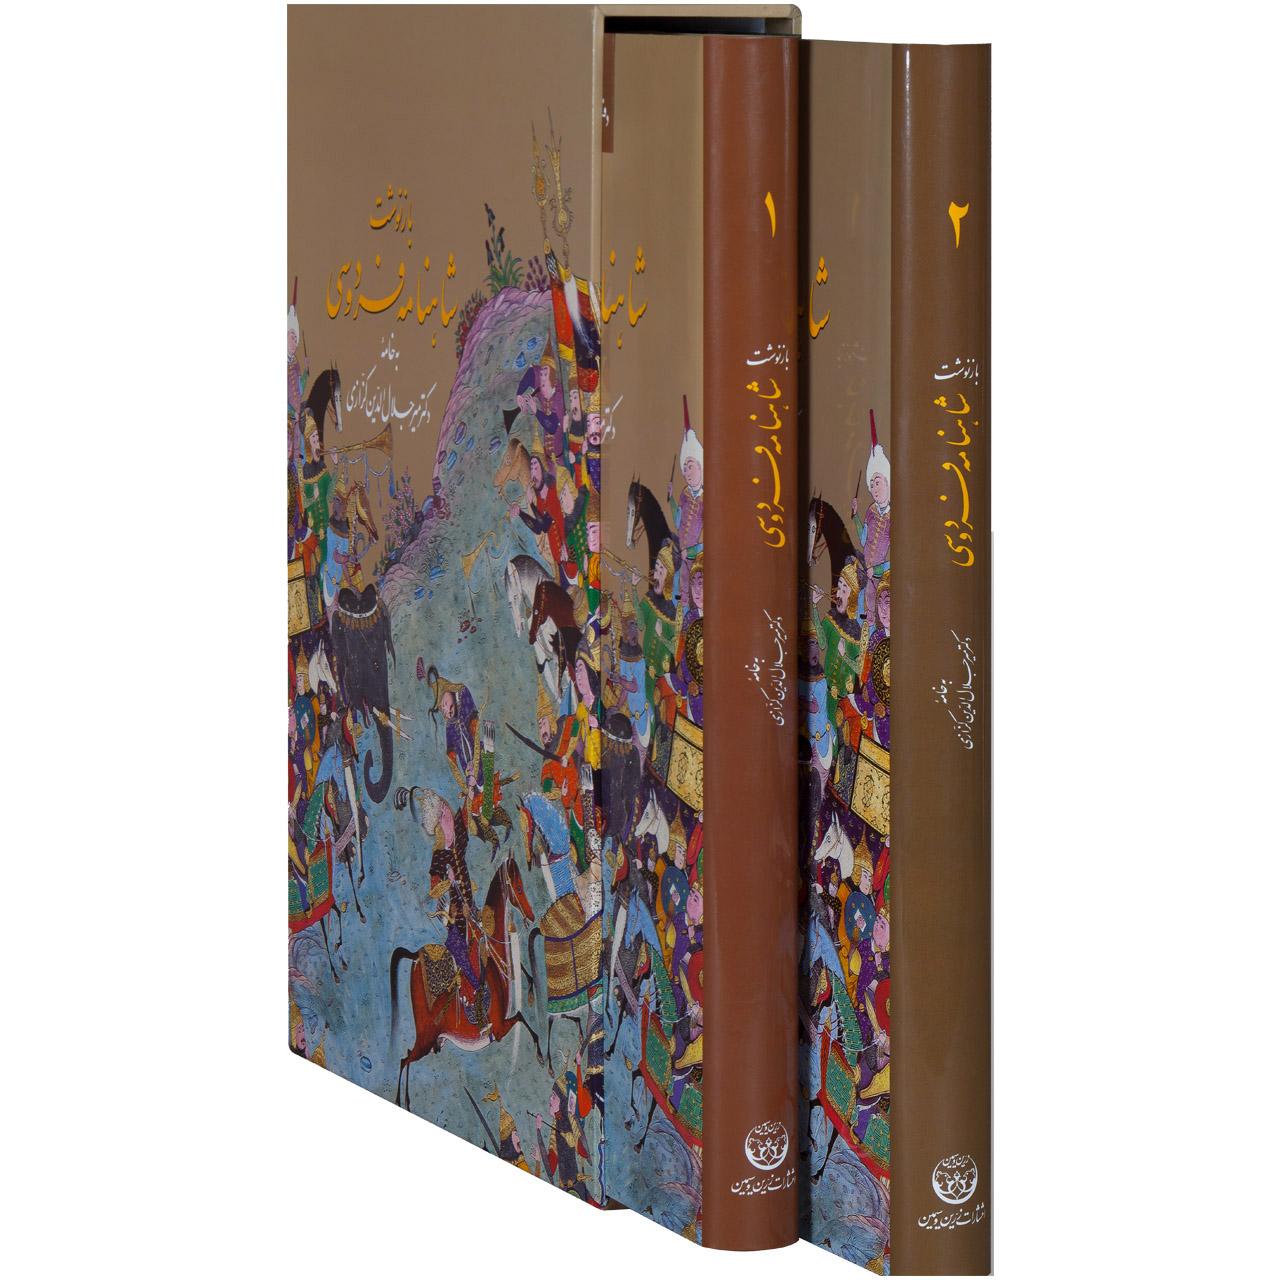 کتاب بازنوشت شاهنامه فردوسی اثر میر جلال الدین کزازی دوجلدی